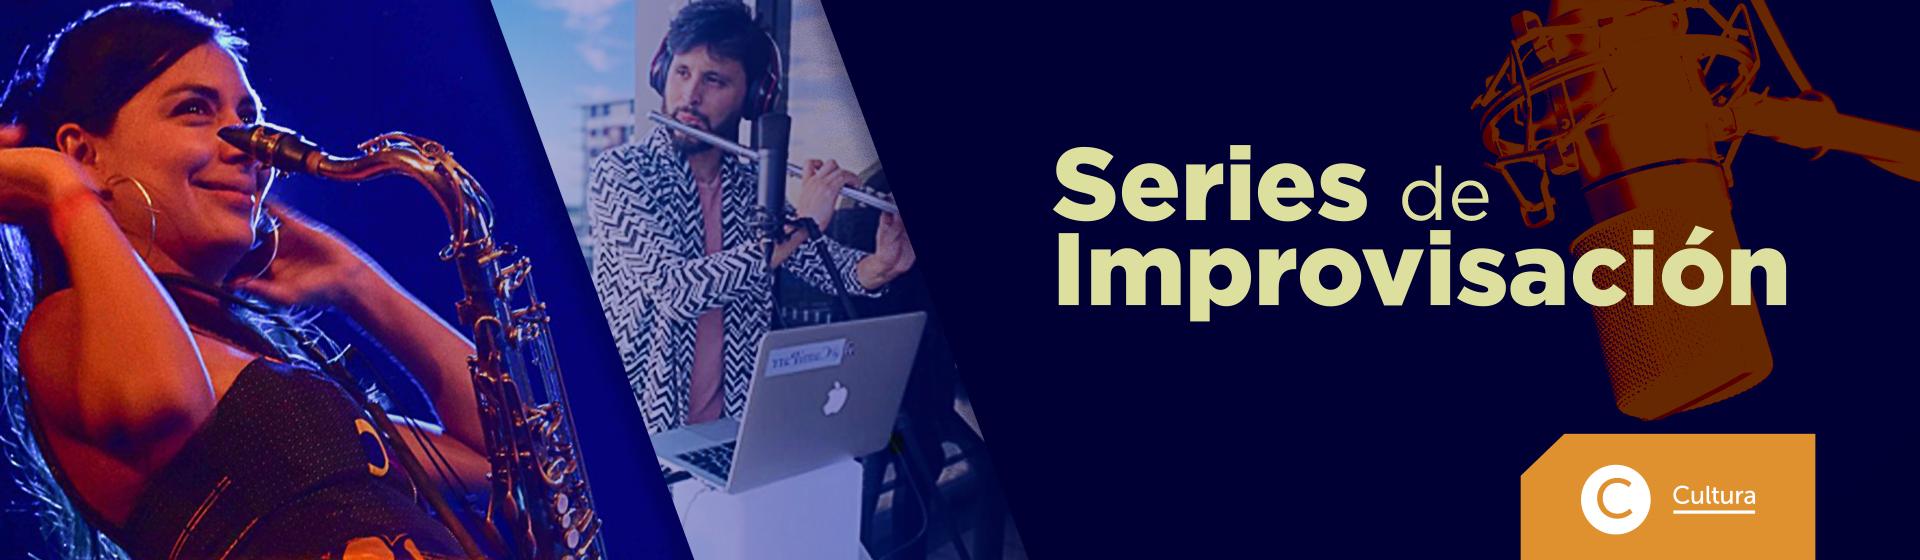 series de improvisación | Uniandes